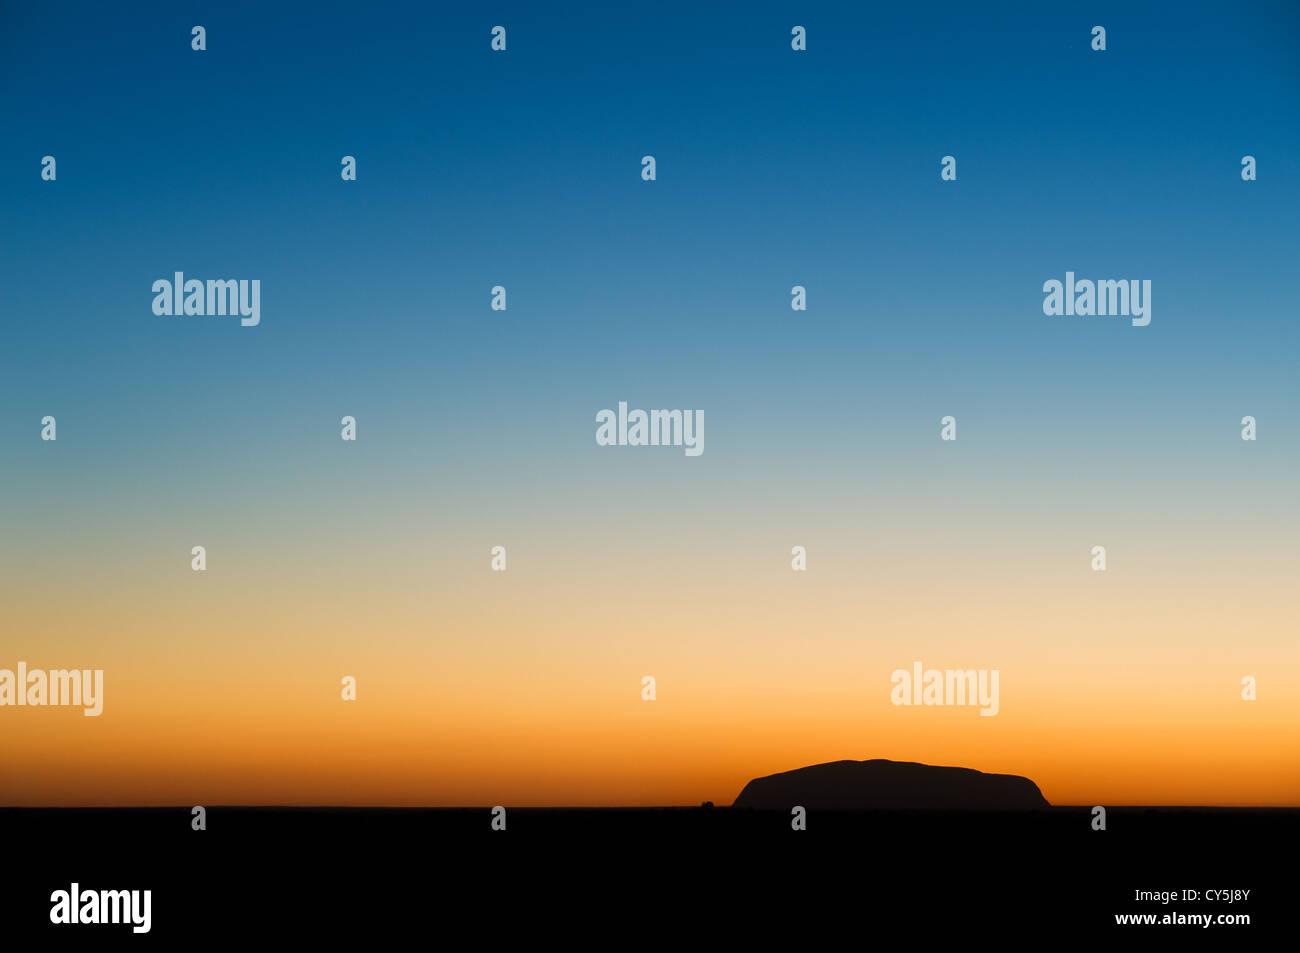 Schwarze Silhouette des Uluru vor einem sonnenbeschienenen Horizont. Stockbild